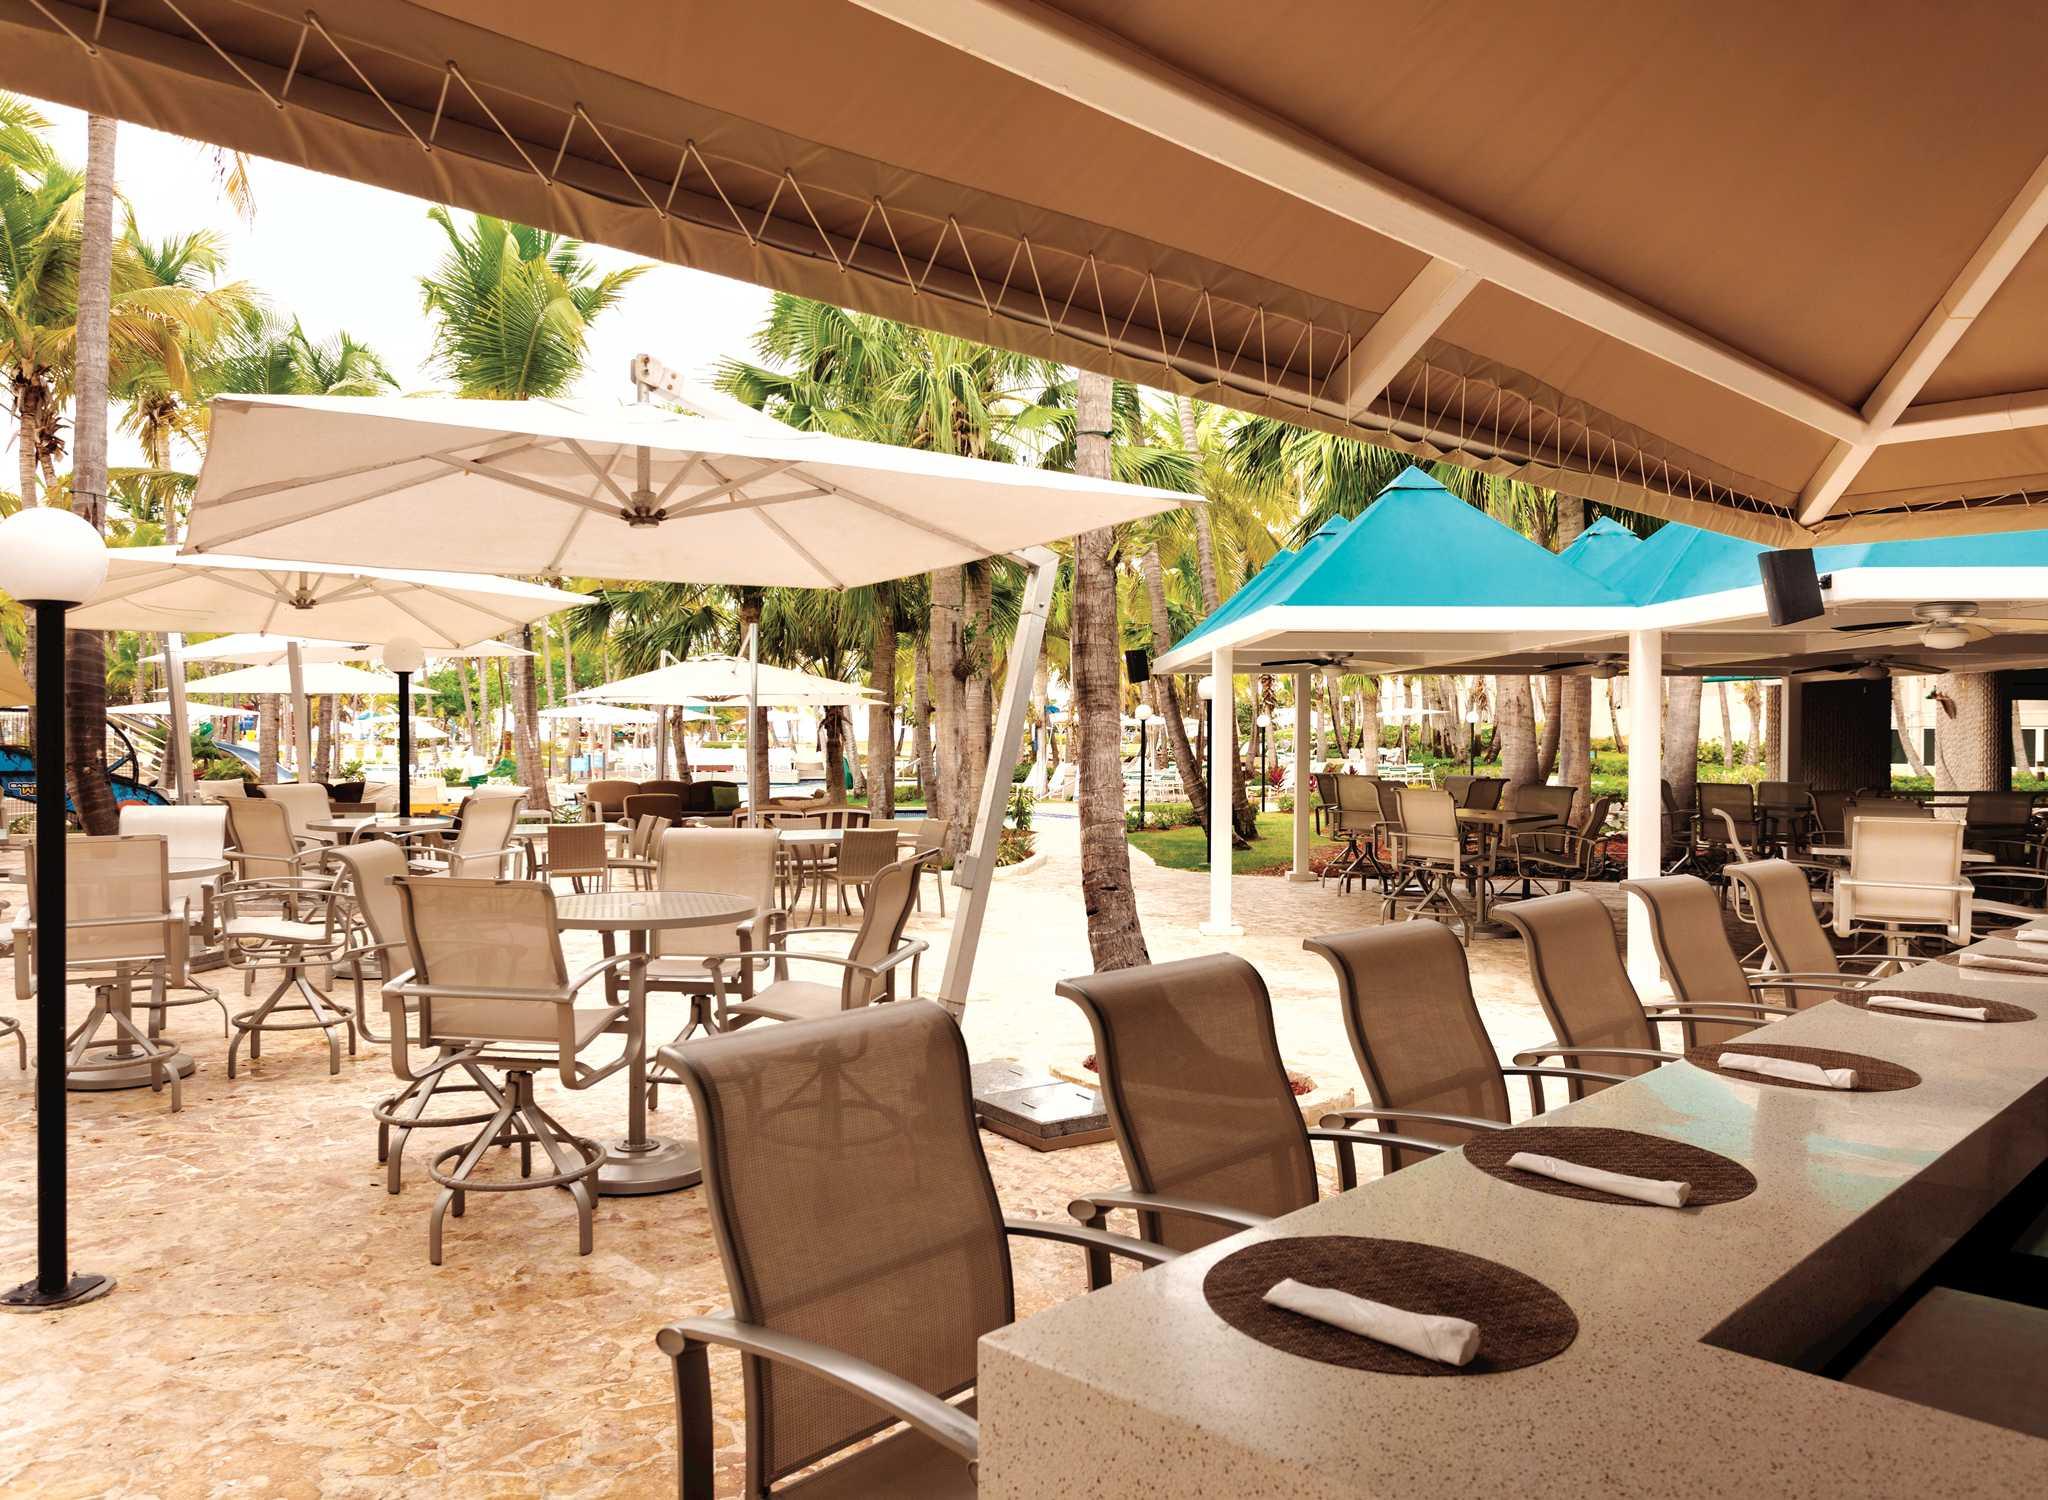 Hoteles en puerto rico san juan hilton worldwide - Hoteles en ponce puerto rico ...